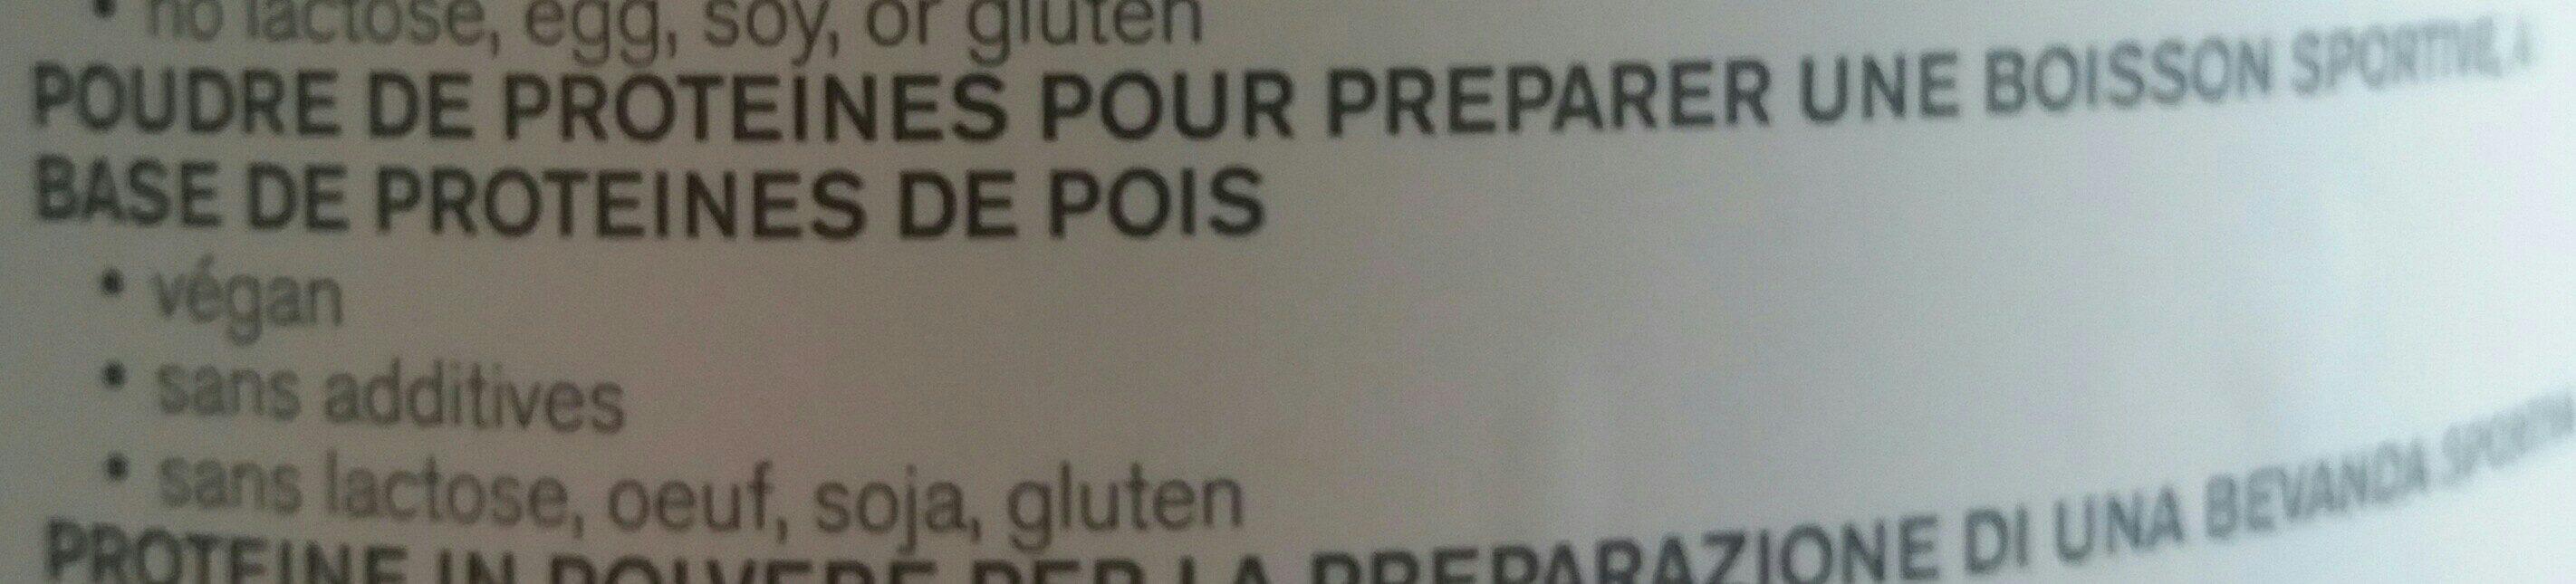 Nu3 Erteprotein, Pulver - Ingredients